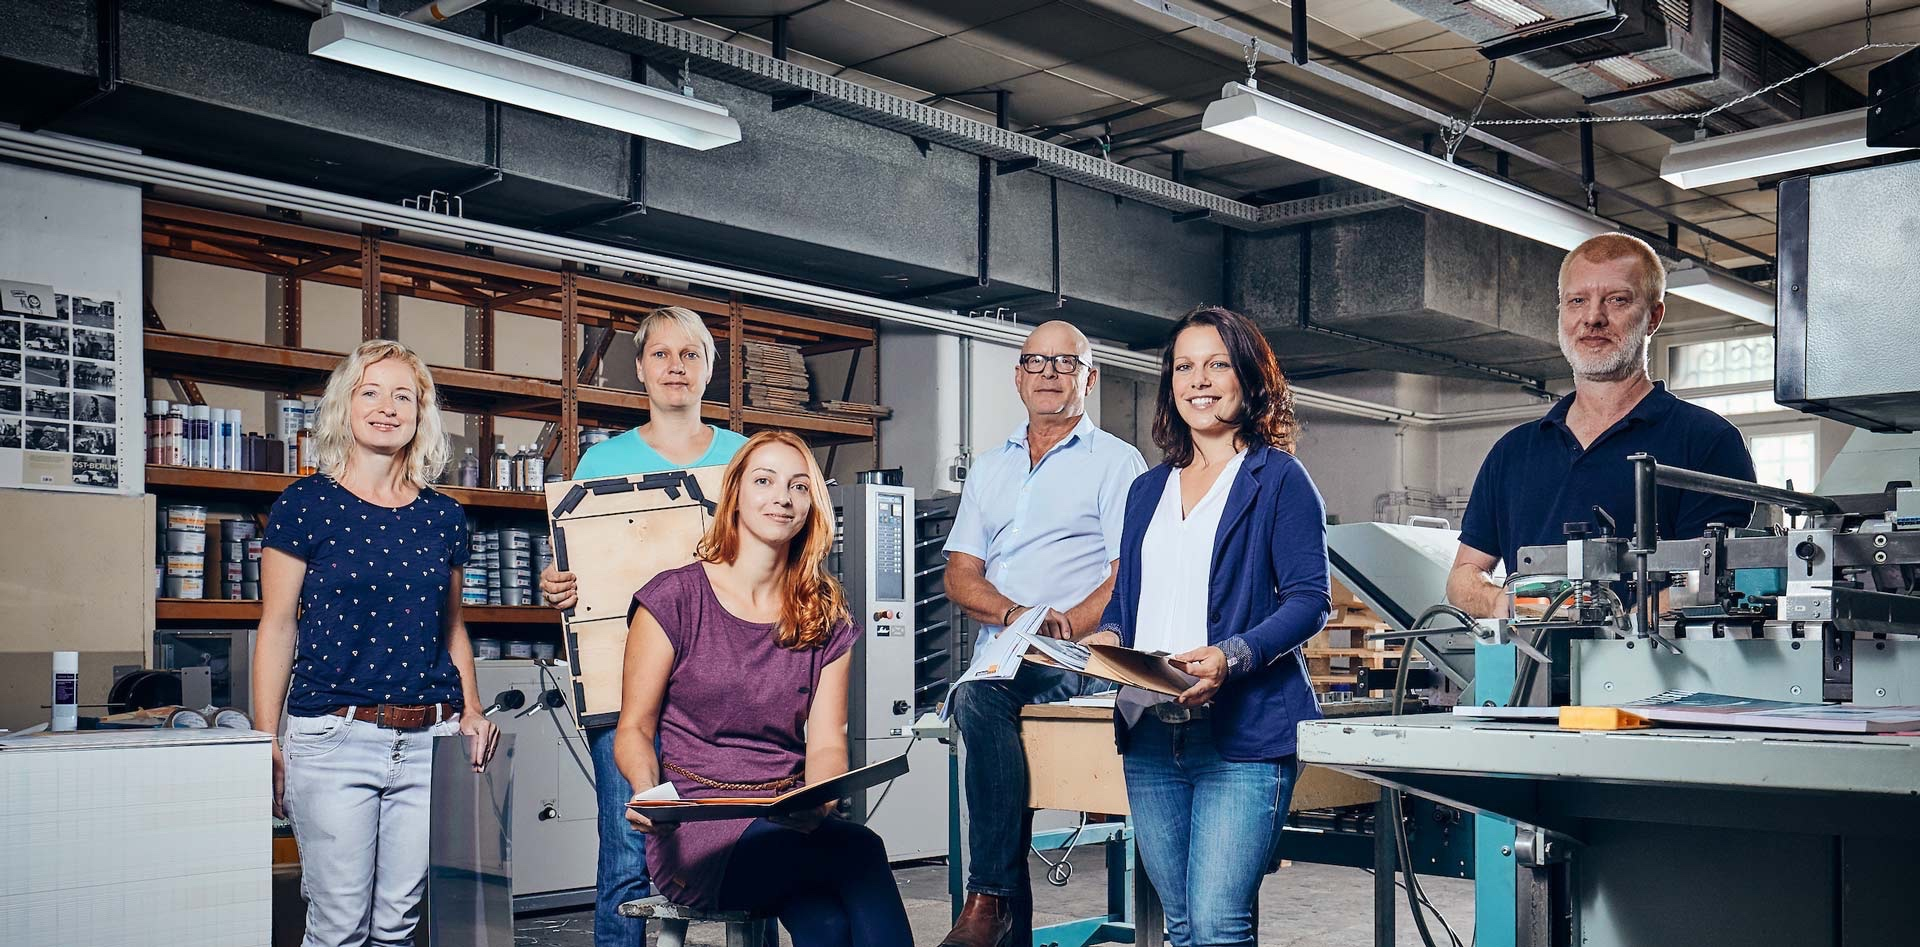 thomasdruck-mitarbeiter-schmal ThomasDruck GmbH - Unternehmen - Kontakt Aufnehmen